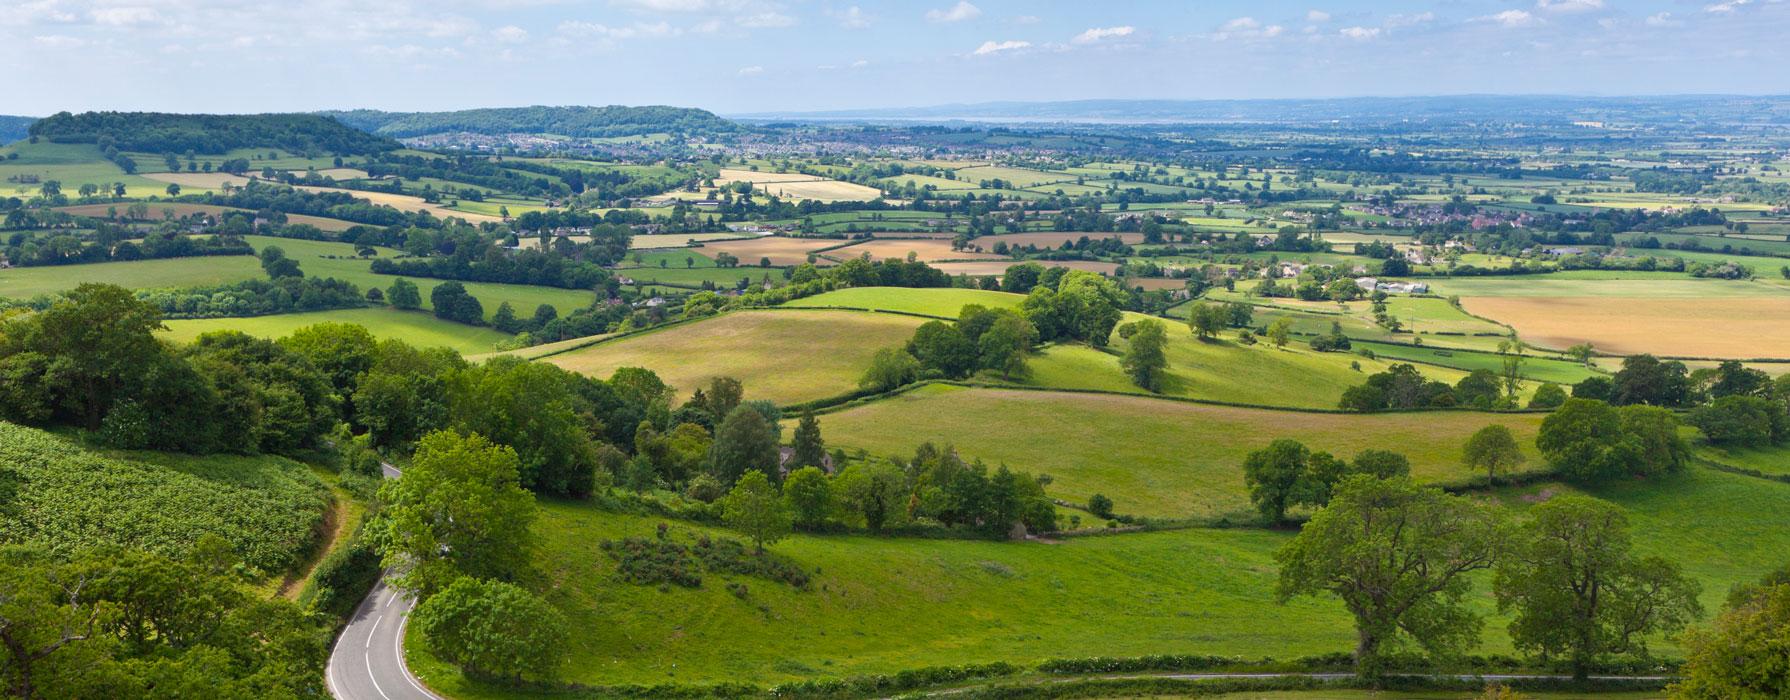 Rural Rutland